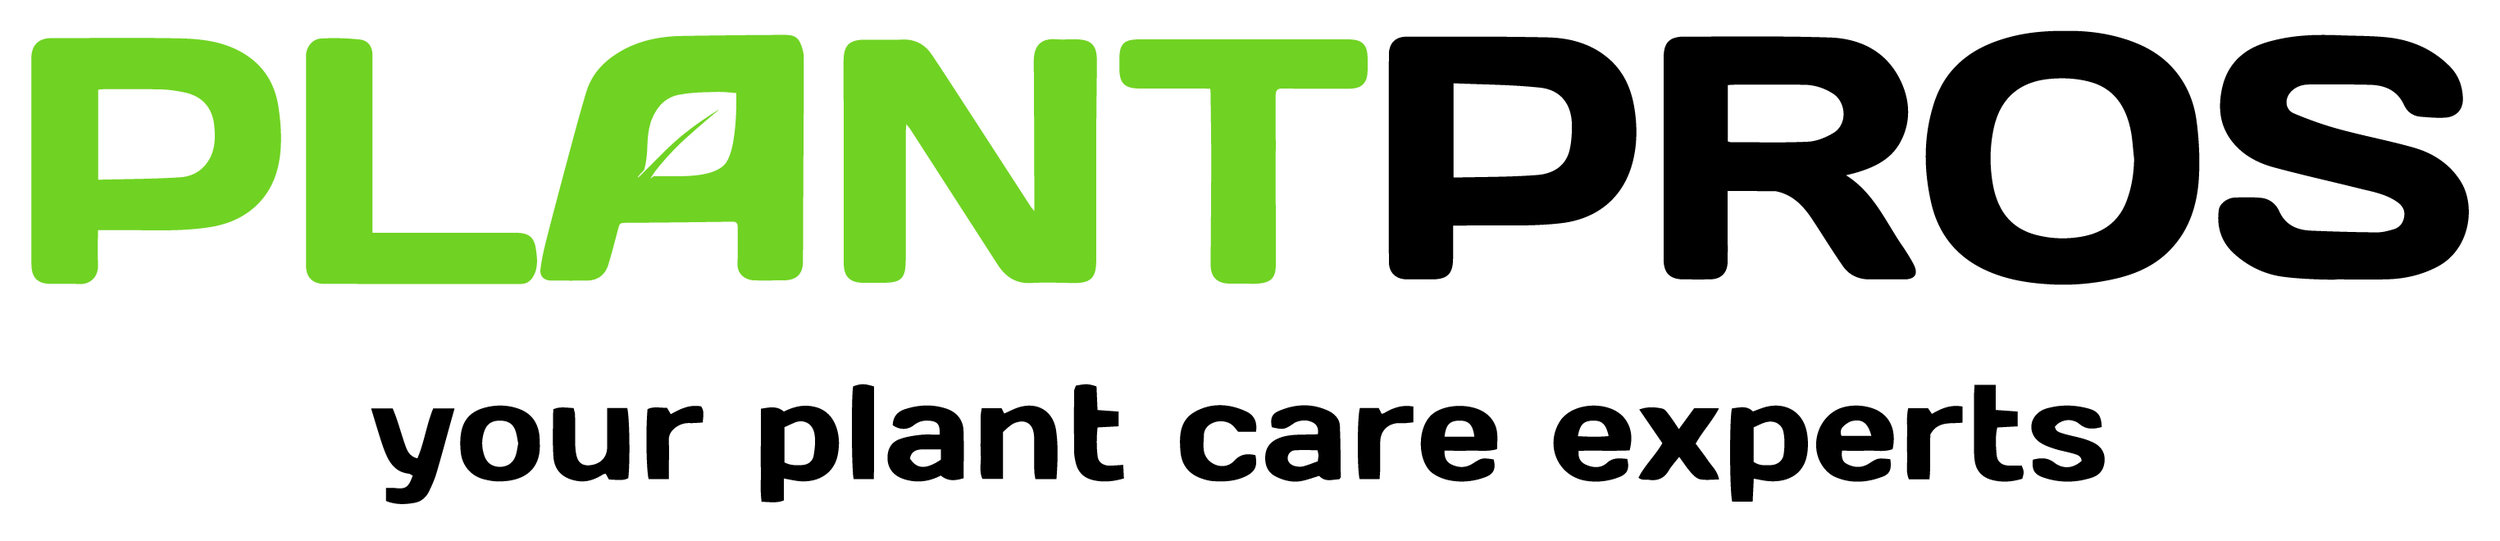 Plant Pros Logo (FULL) ORIGINAL.jpg